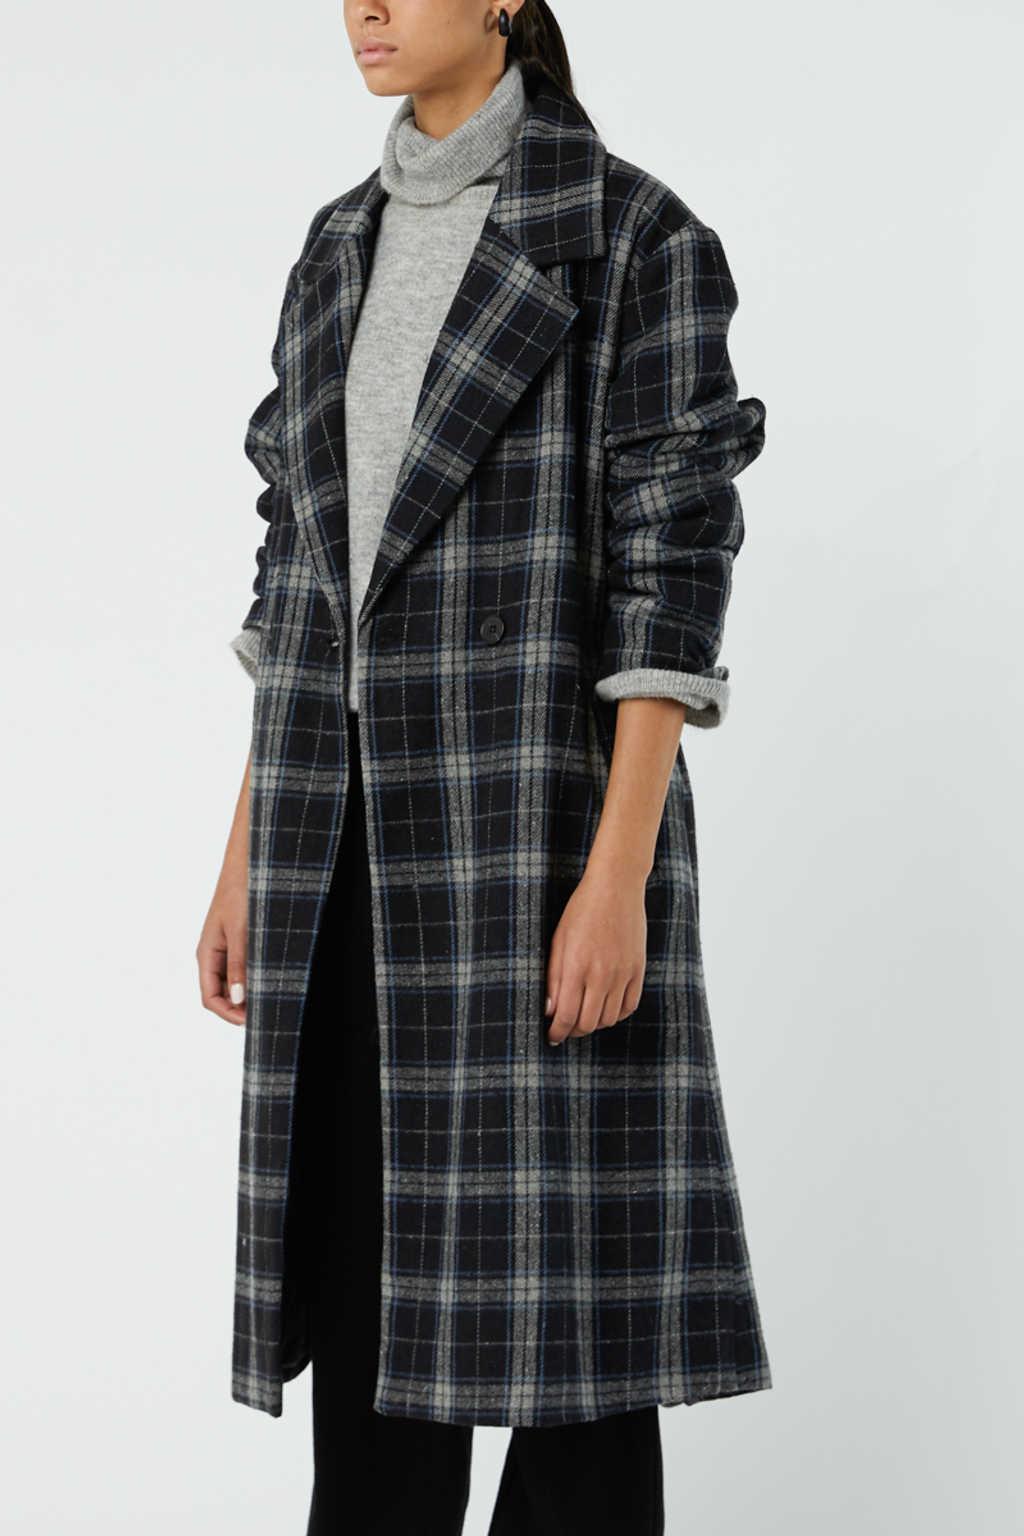 Coat J002 Black 5